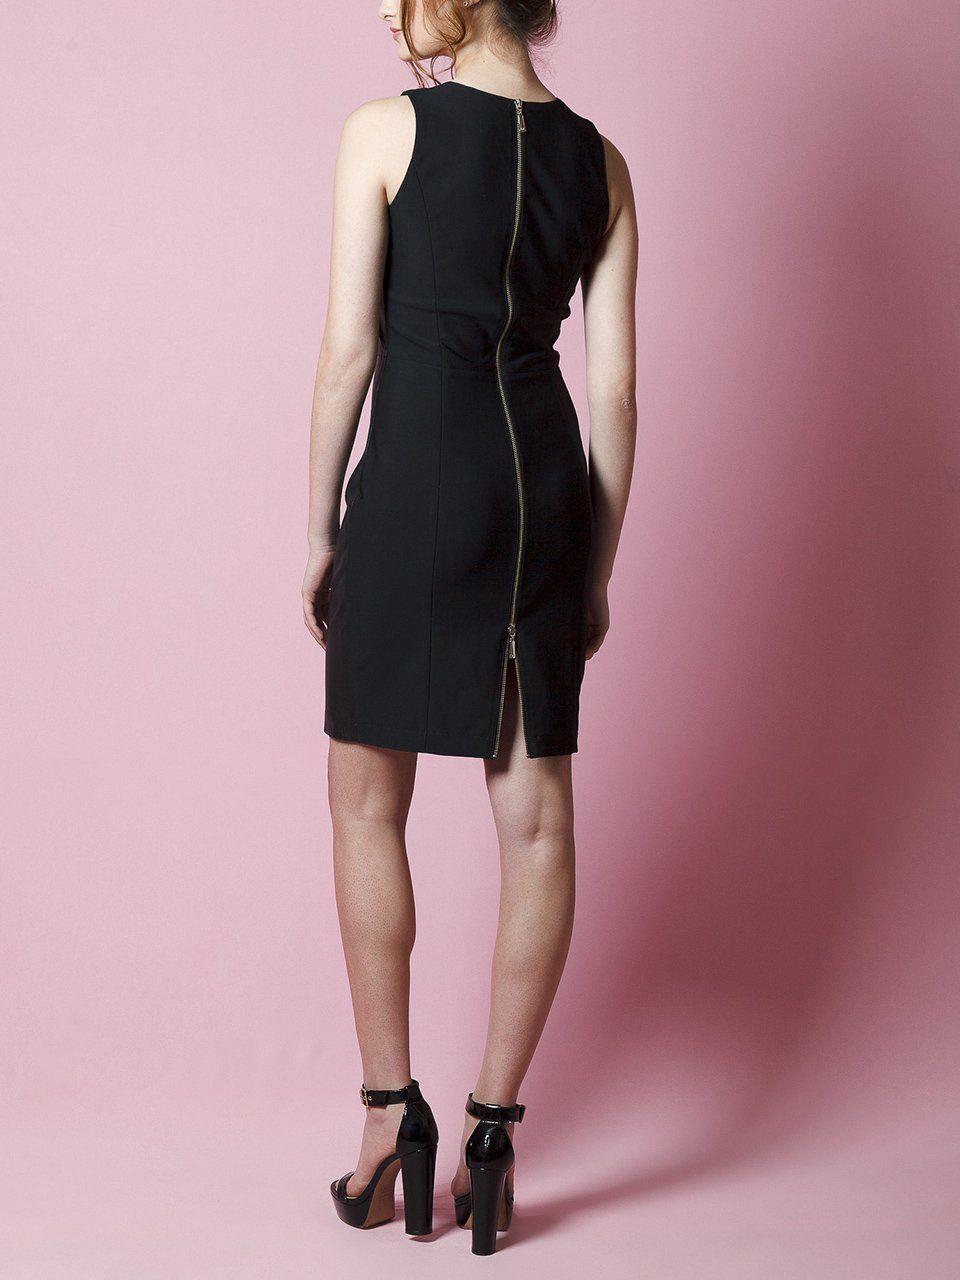 Vestido Tubinho com Decote Careca - Liziane Richter